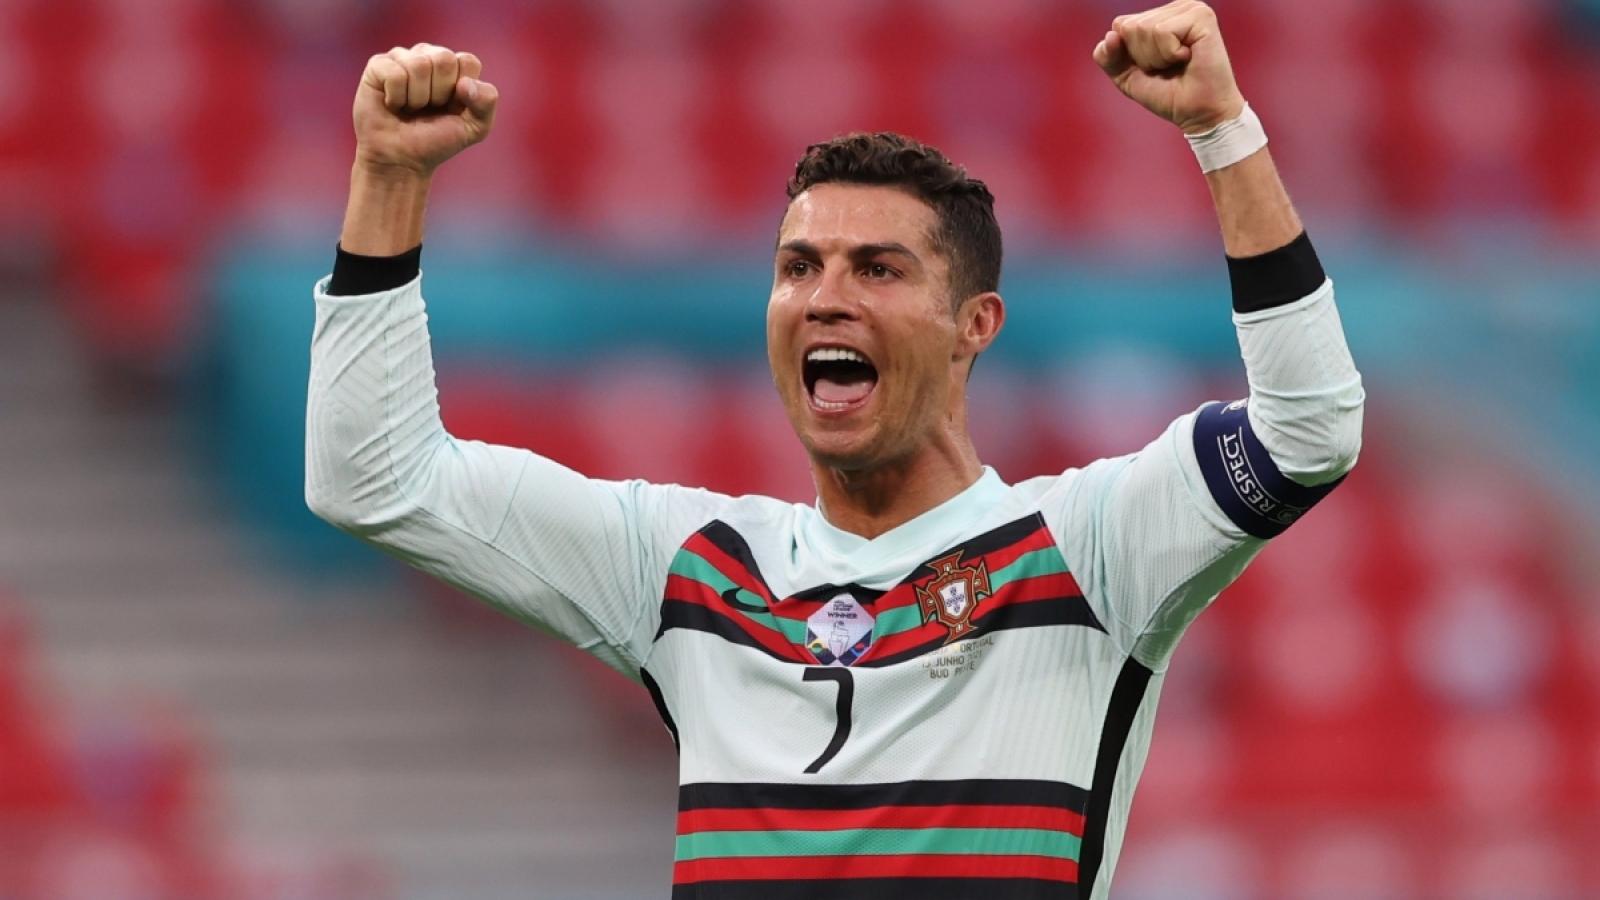 Trực tiếp Bồ Đào Nha - Đức: Ronaldo toàn thua trước người Đức